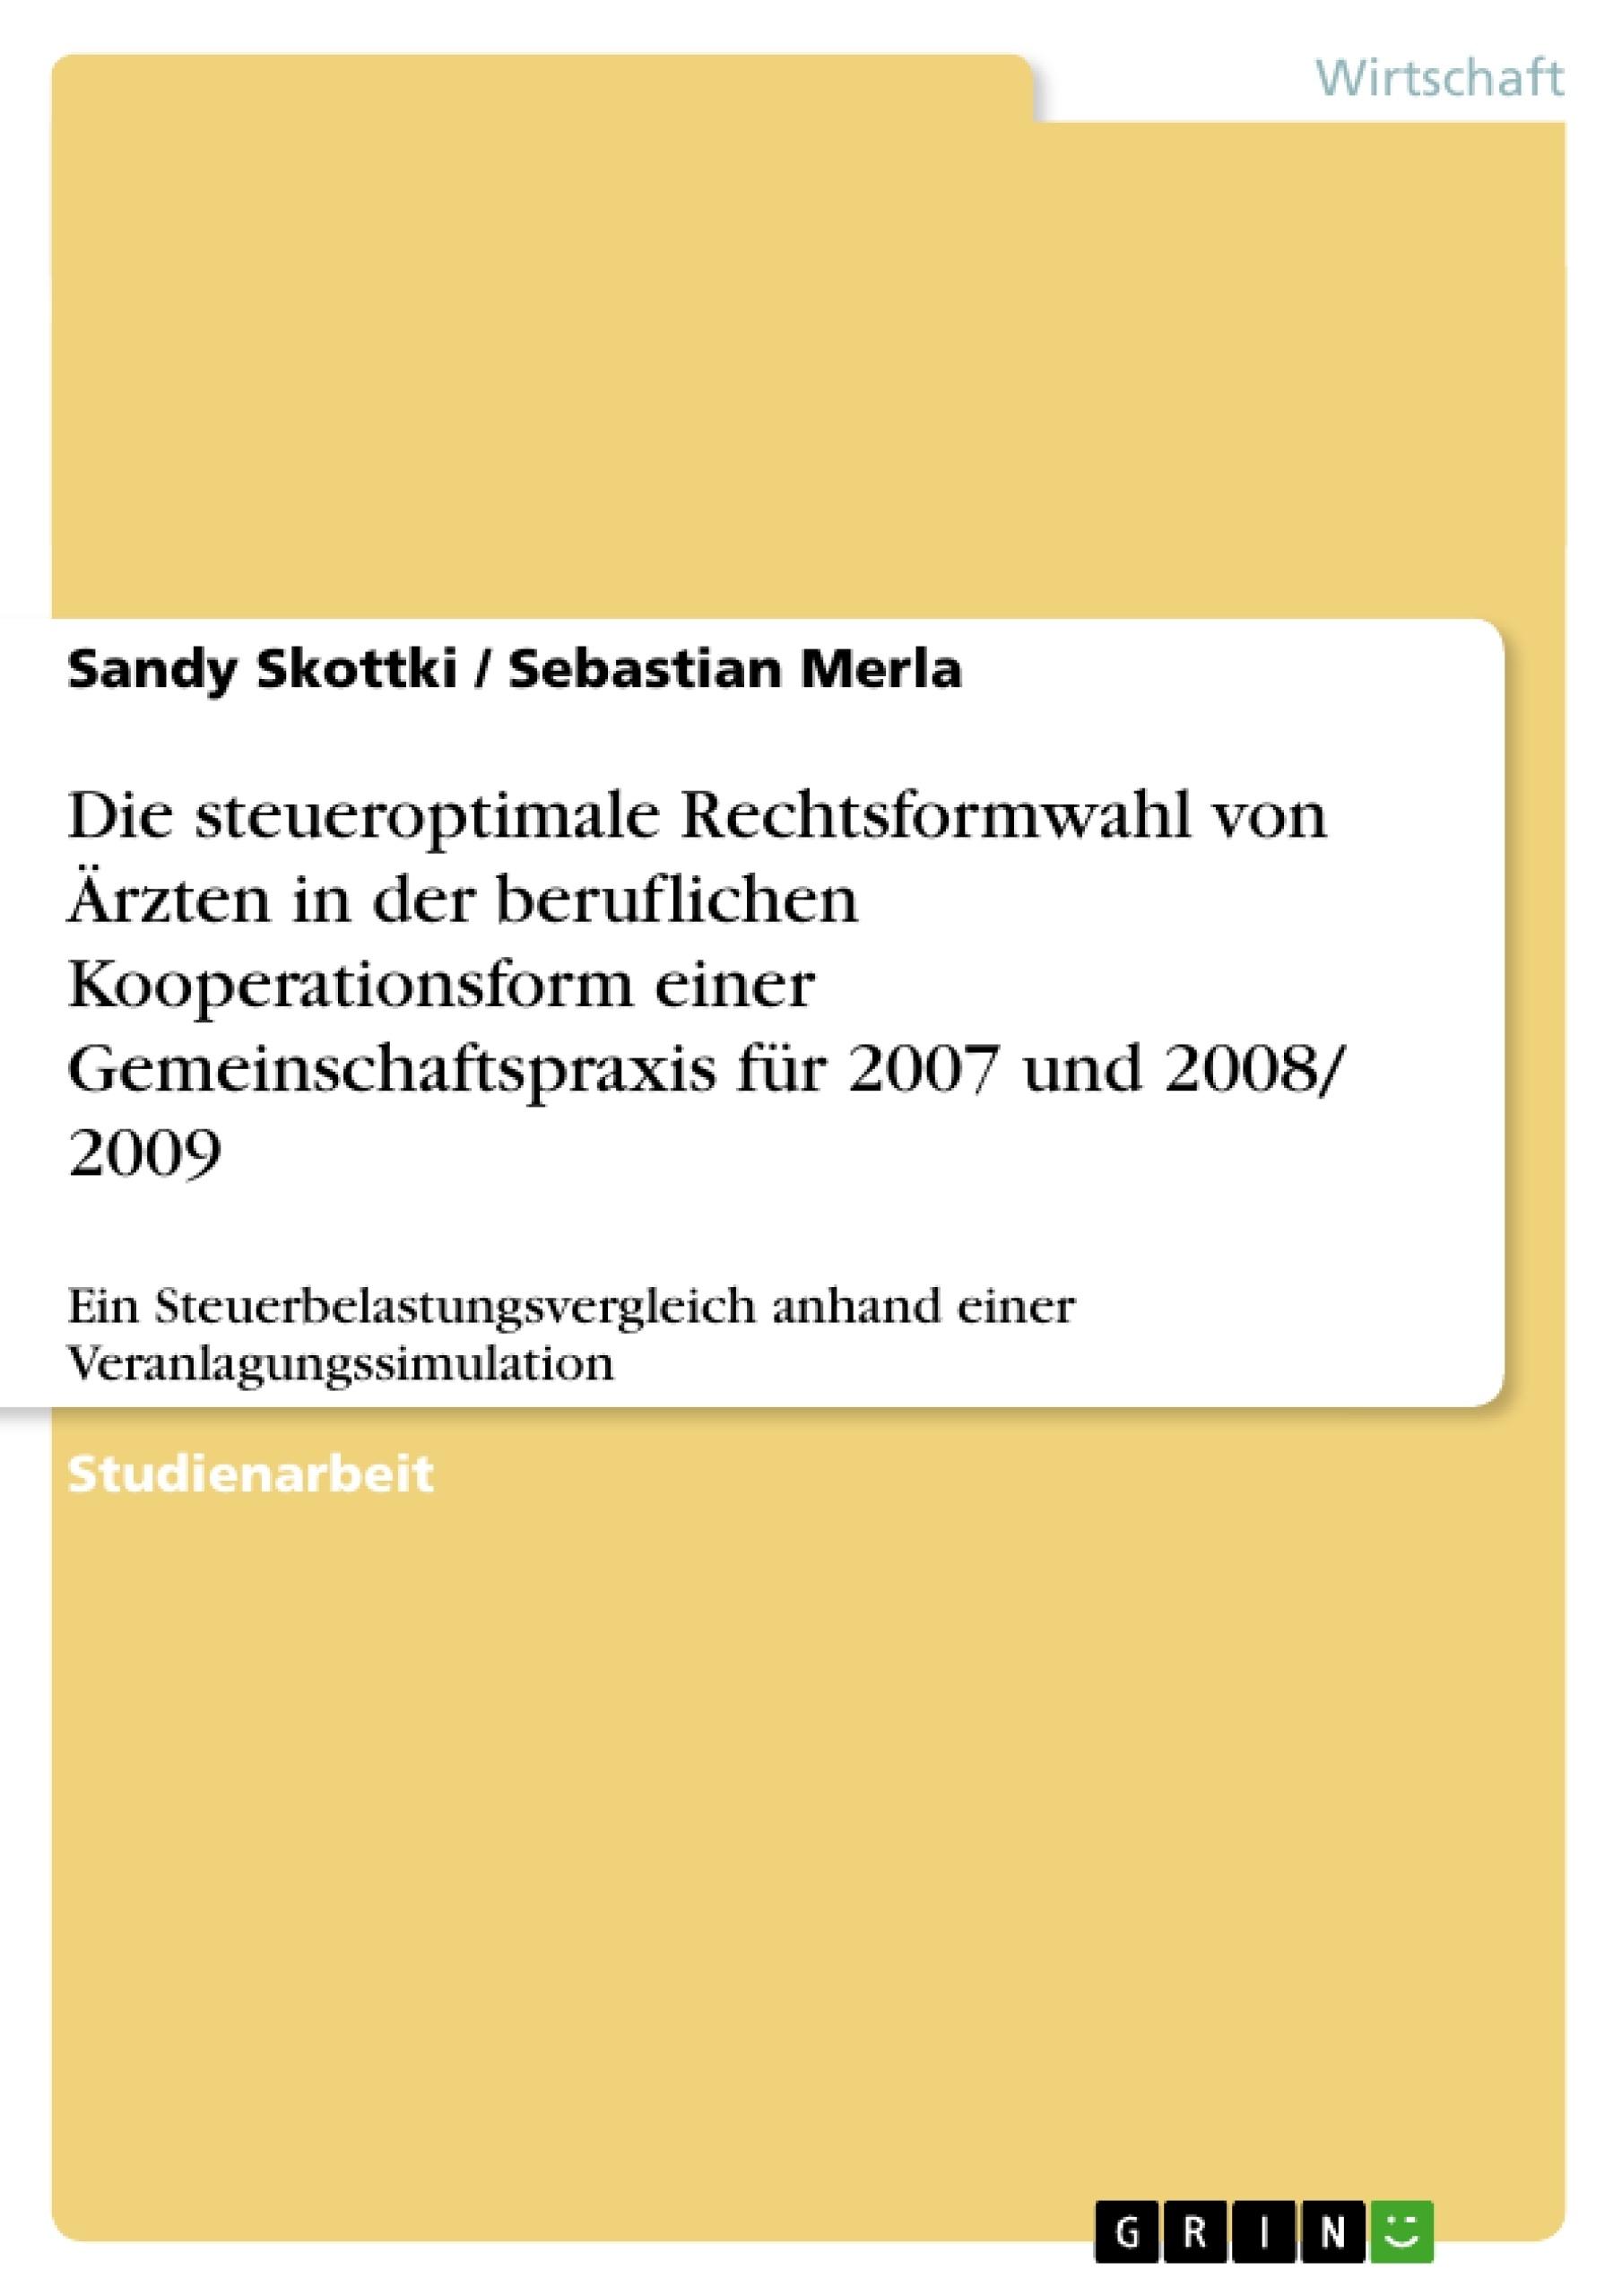 Titel: Die steueroptimale Rechtsformwahl von Ärzten in der beruflichen Kooperationsform einer Gemeinschaftspraxis für 2007 und 2008/ 2009